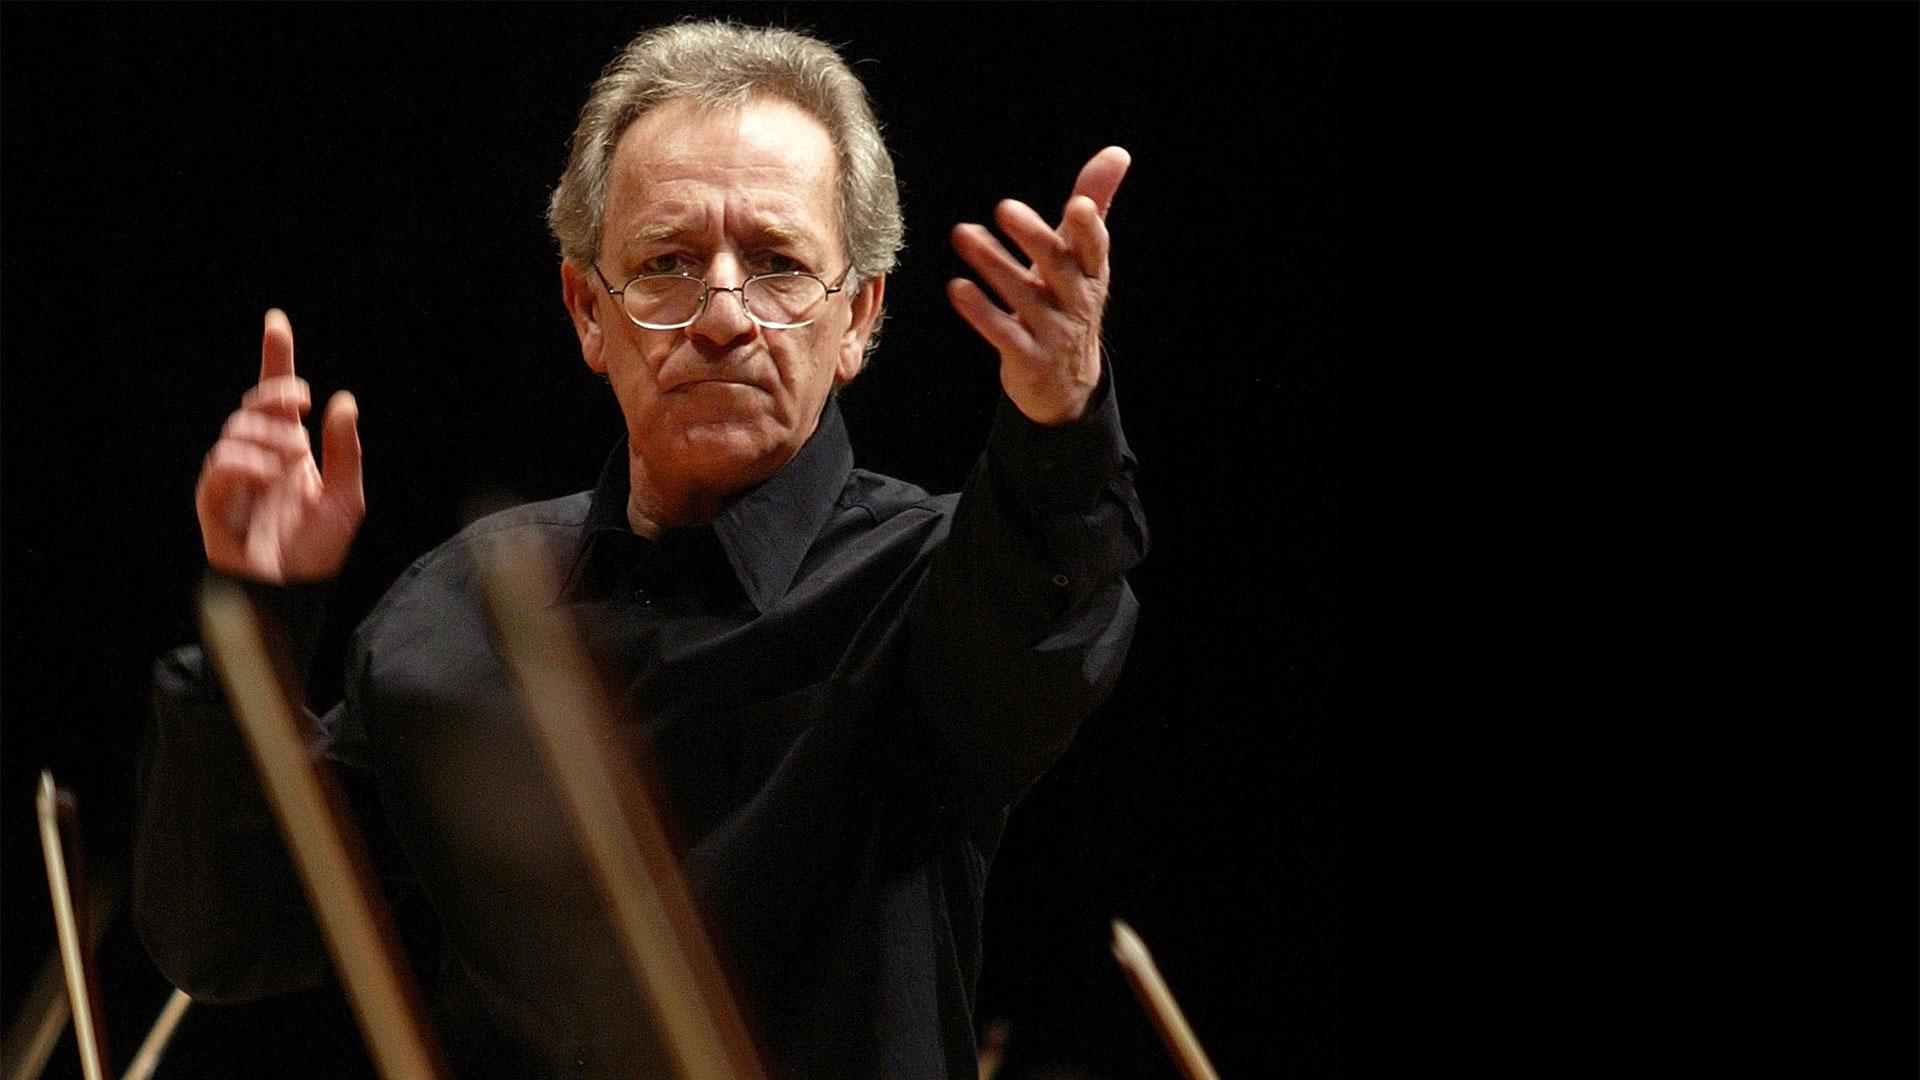 P2 Koncerten: Sjostakovitj  i centrum